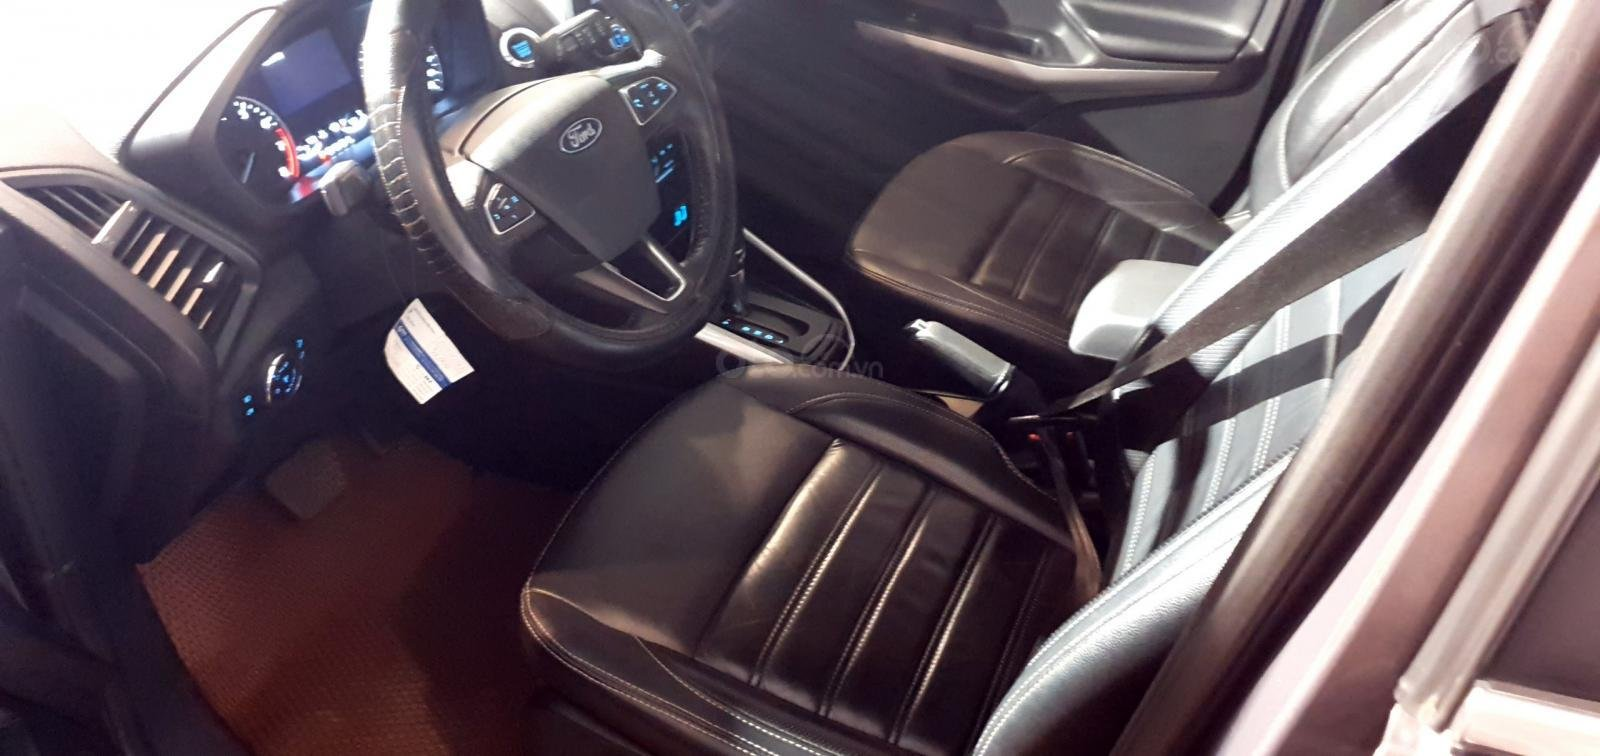 Ford Ecosport Titanium nâu 2018 xe đẹp cần tìm chủ (5)